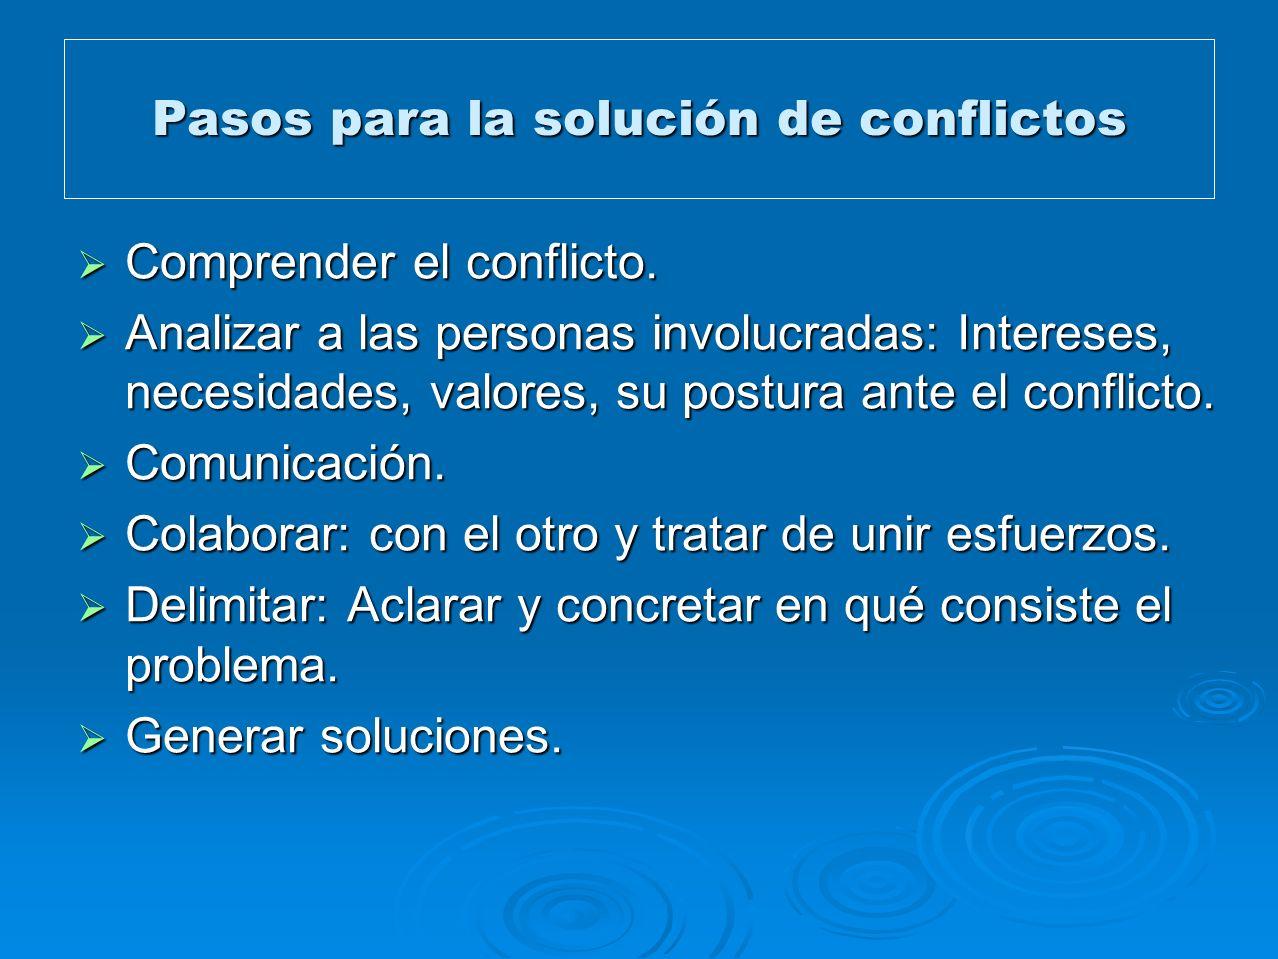 Pasos para la solución de conflictos